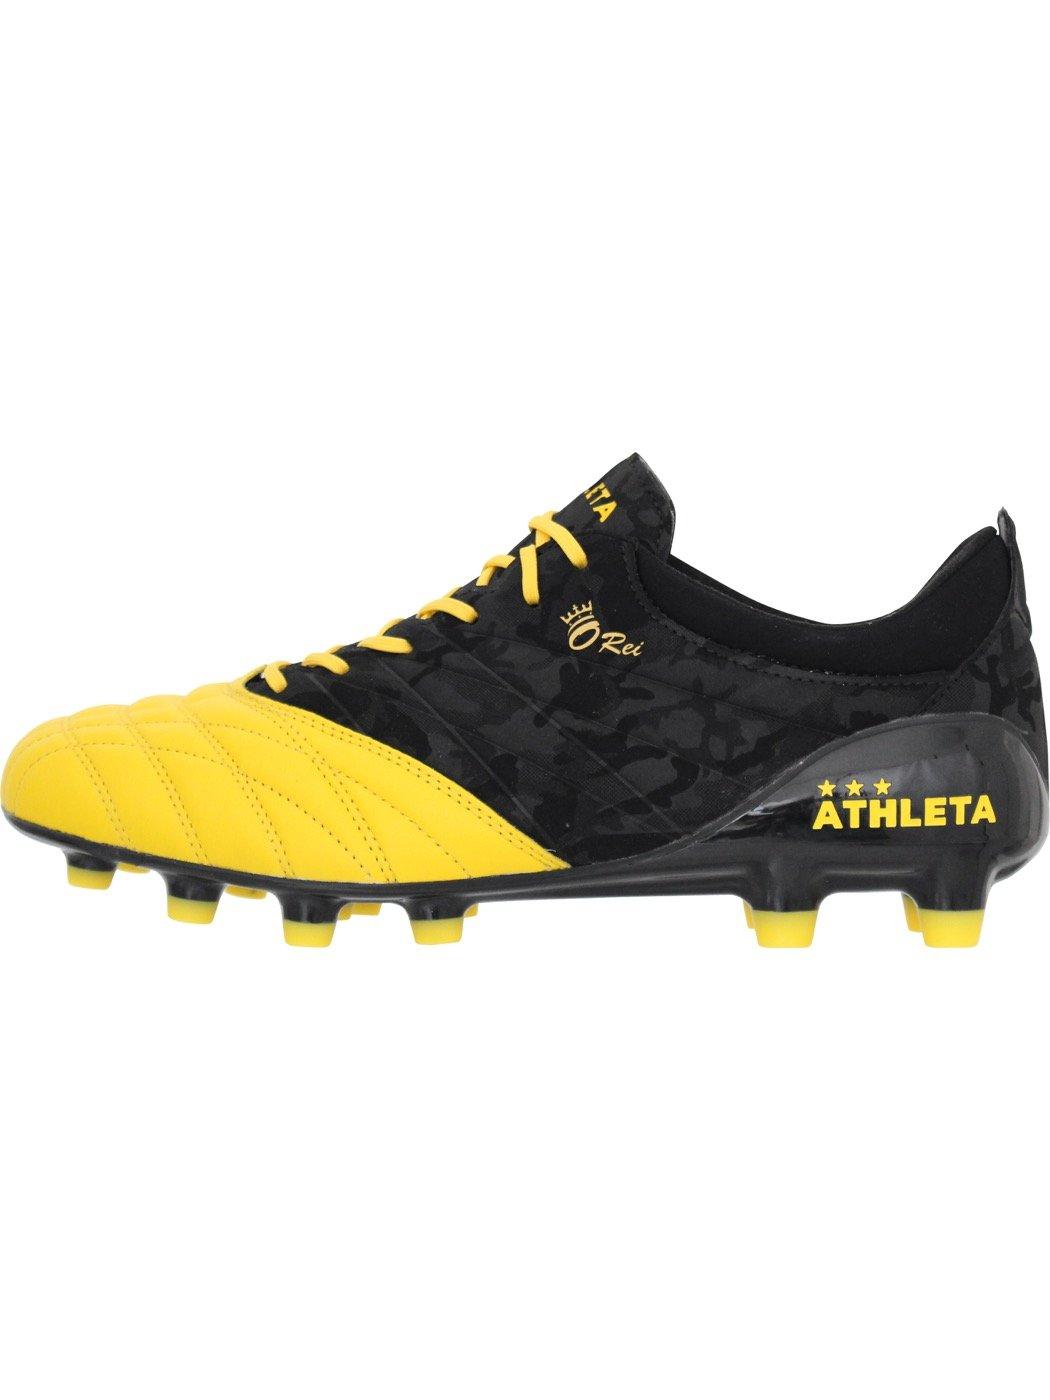 ATHLETA(アスレタ) O-Rei Futebol T001 10002-BLYE B01MA0UG6M 25 702ブラック×イエロー